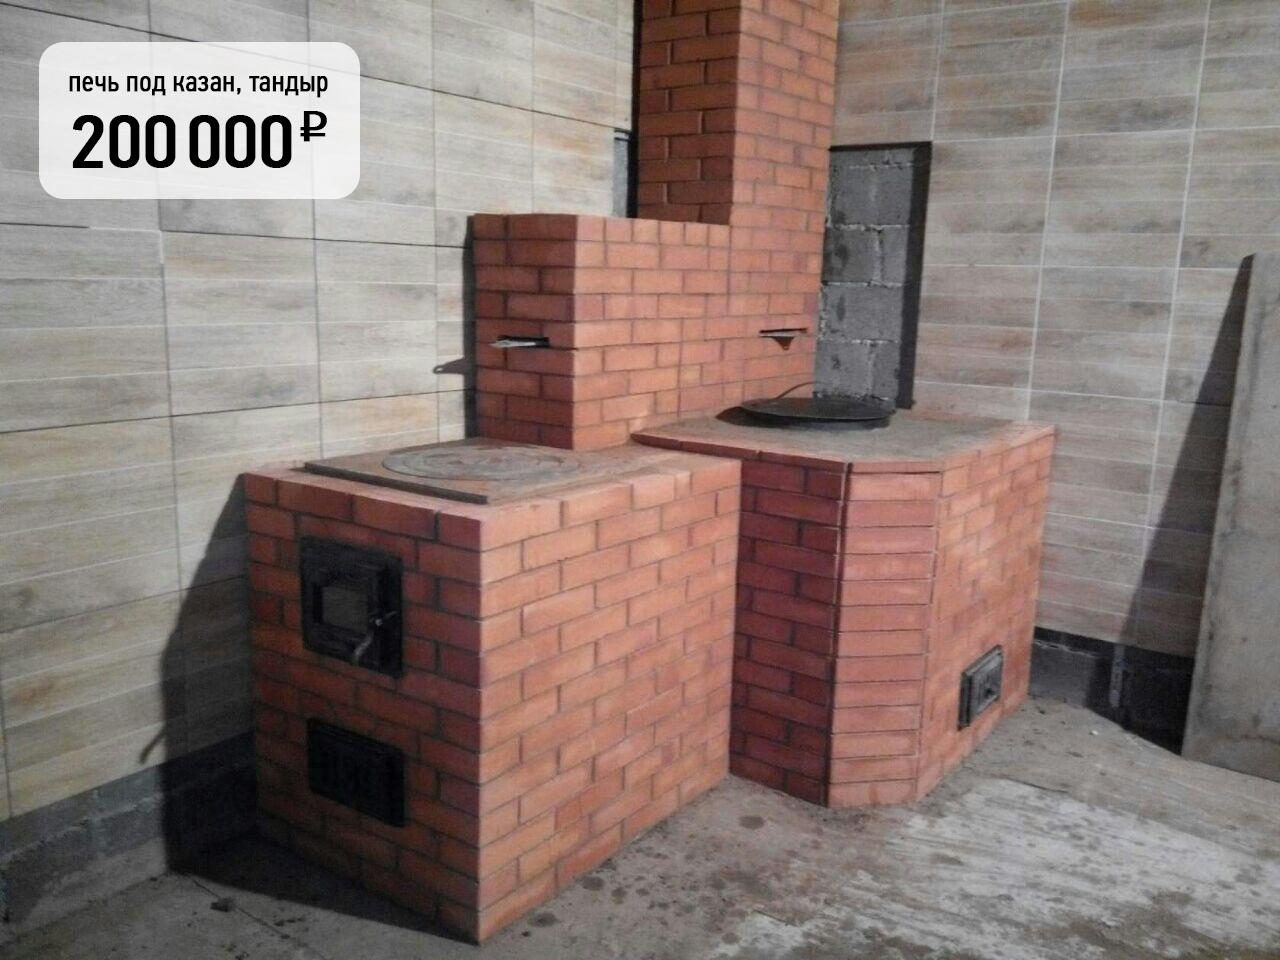 печь под казан, тандыр 200 тыс. руб